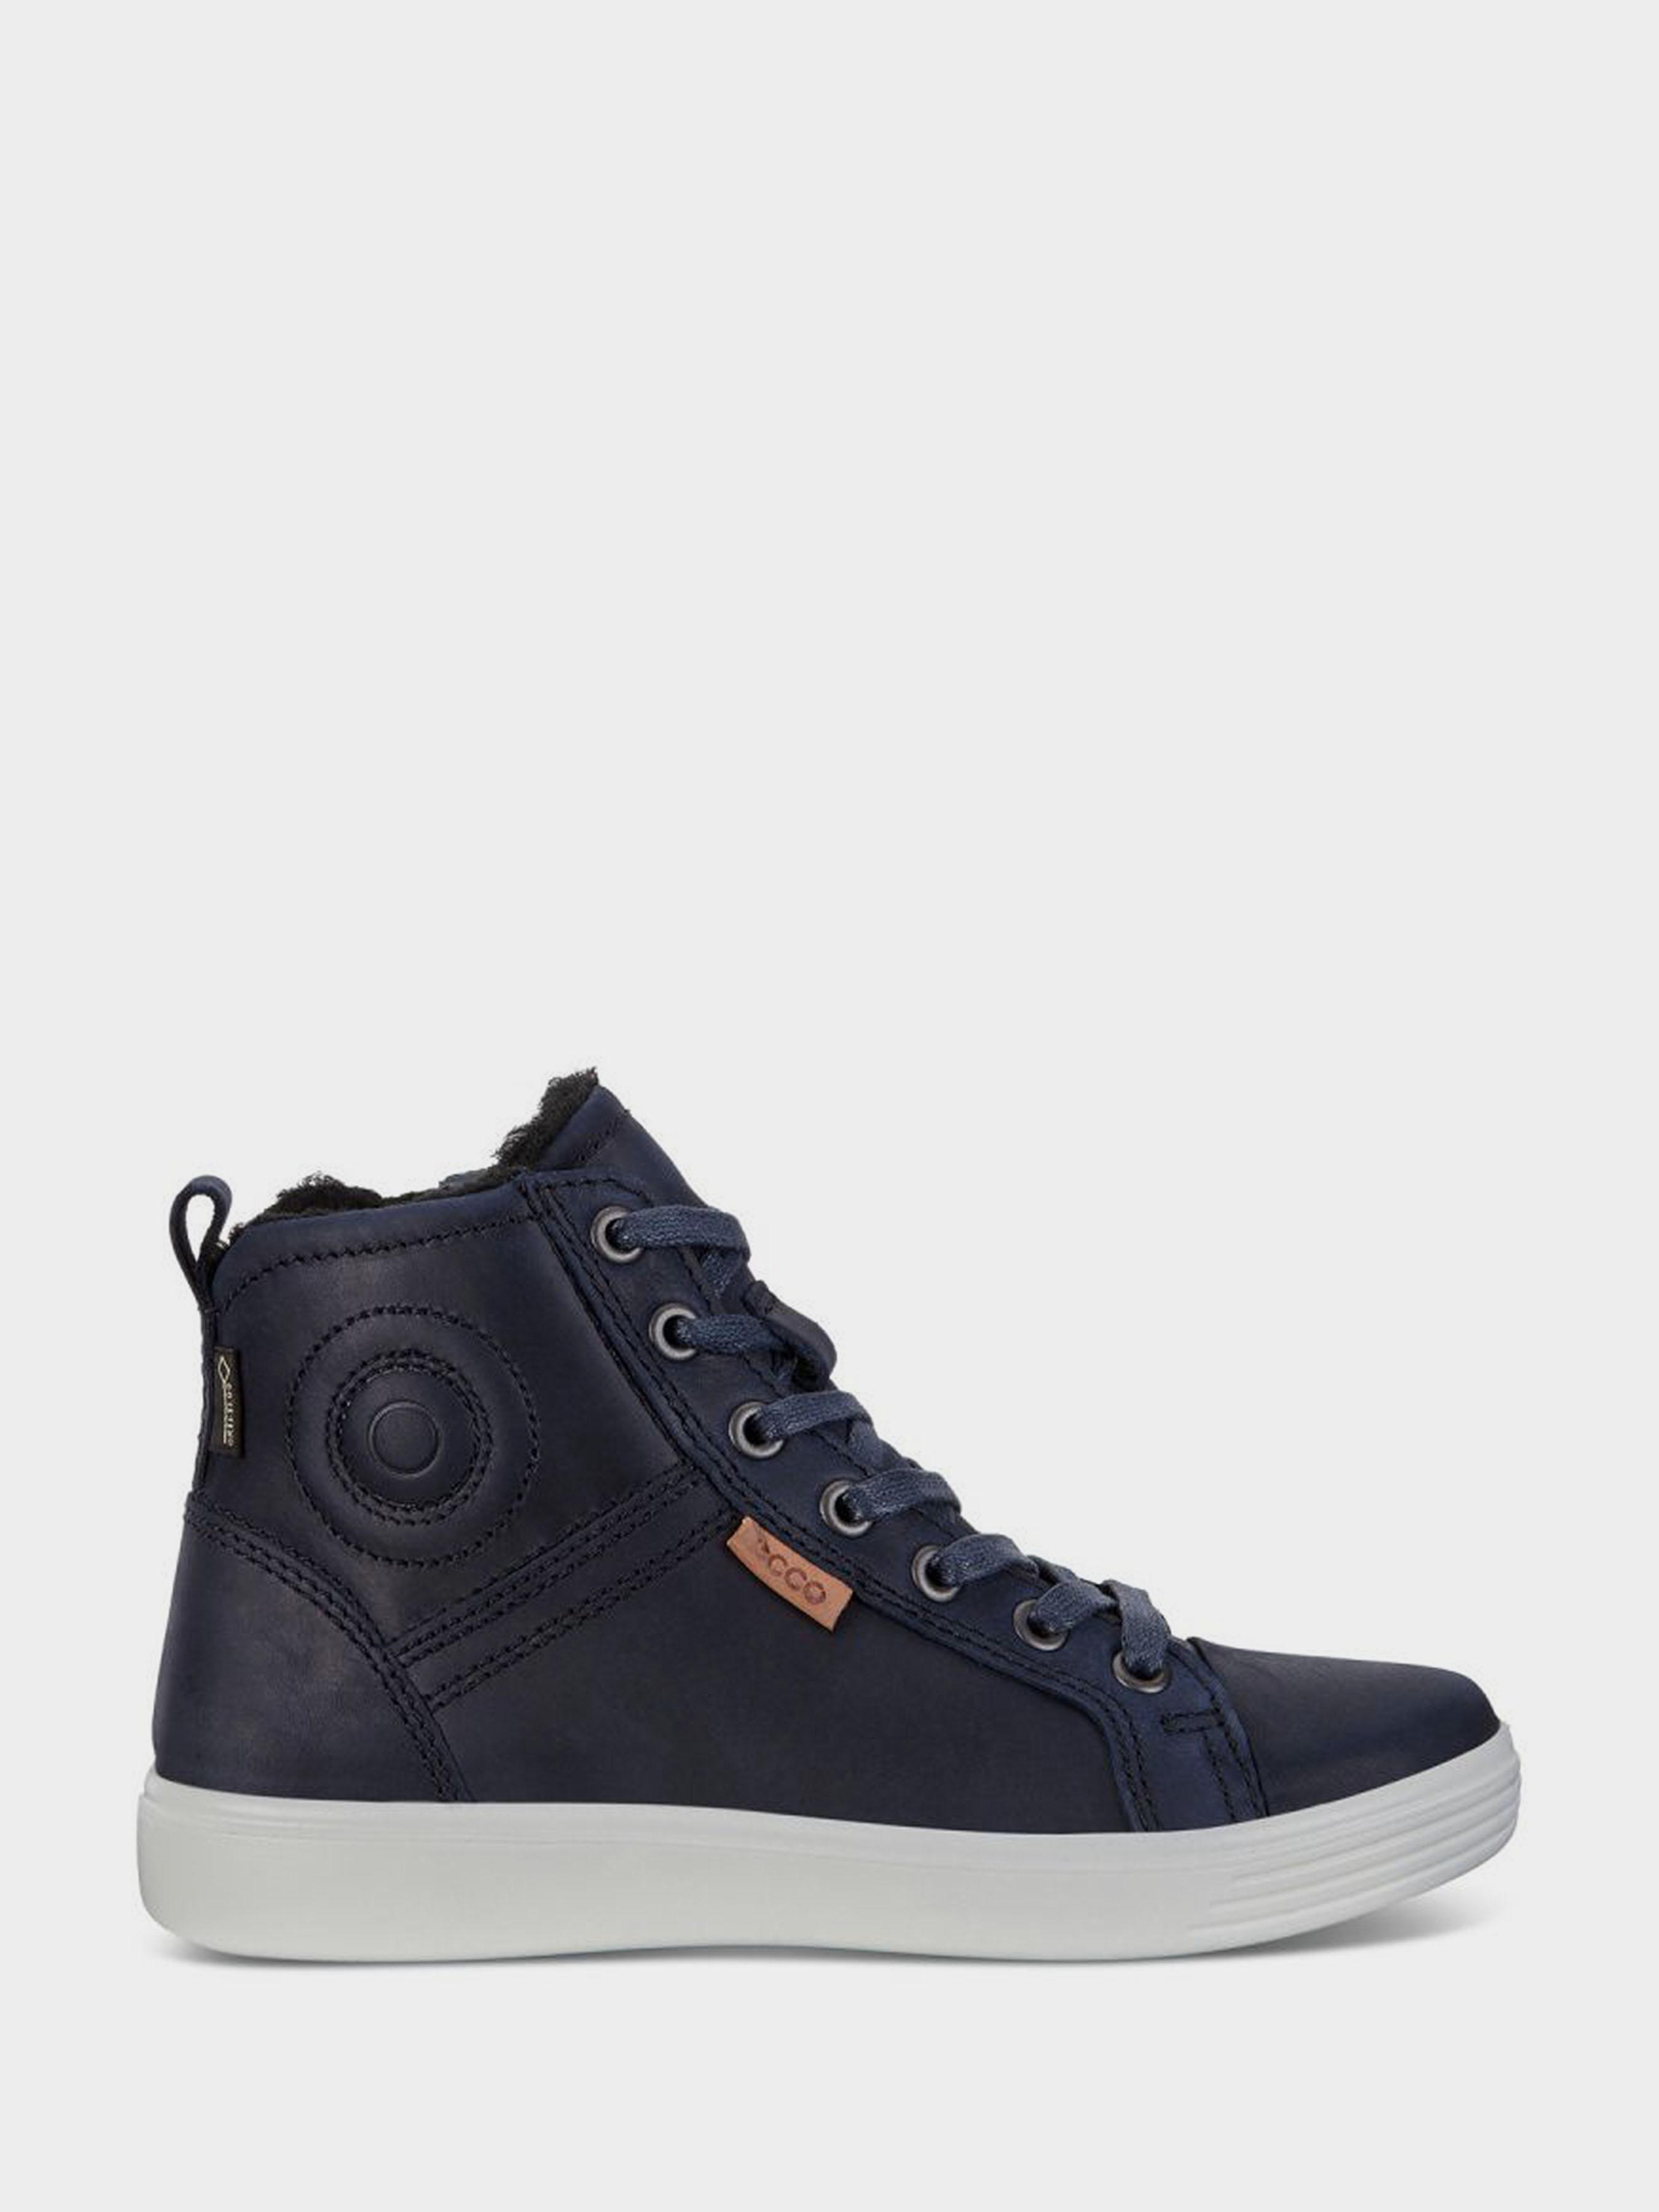 Купить Ботинки детские ECCO S7 TEEN ZK3300, Синий